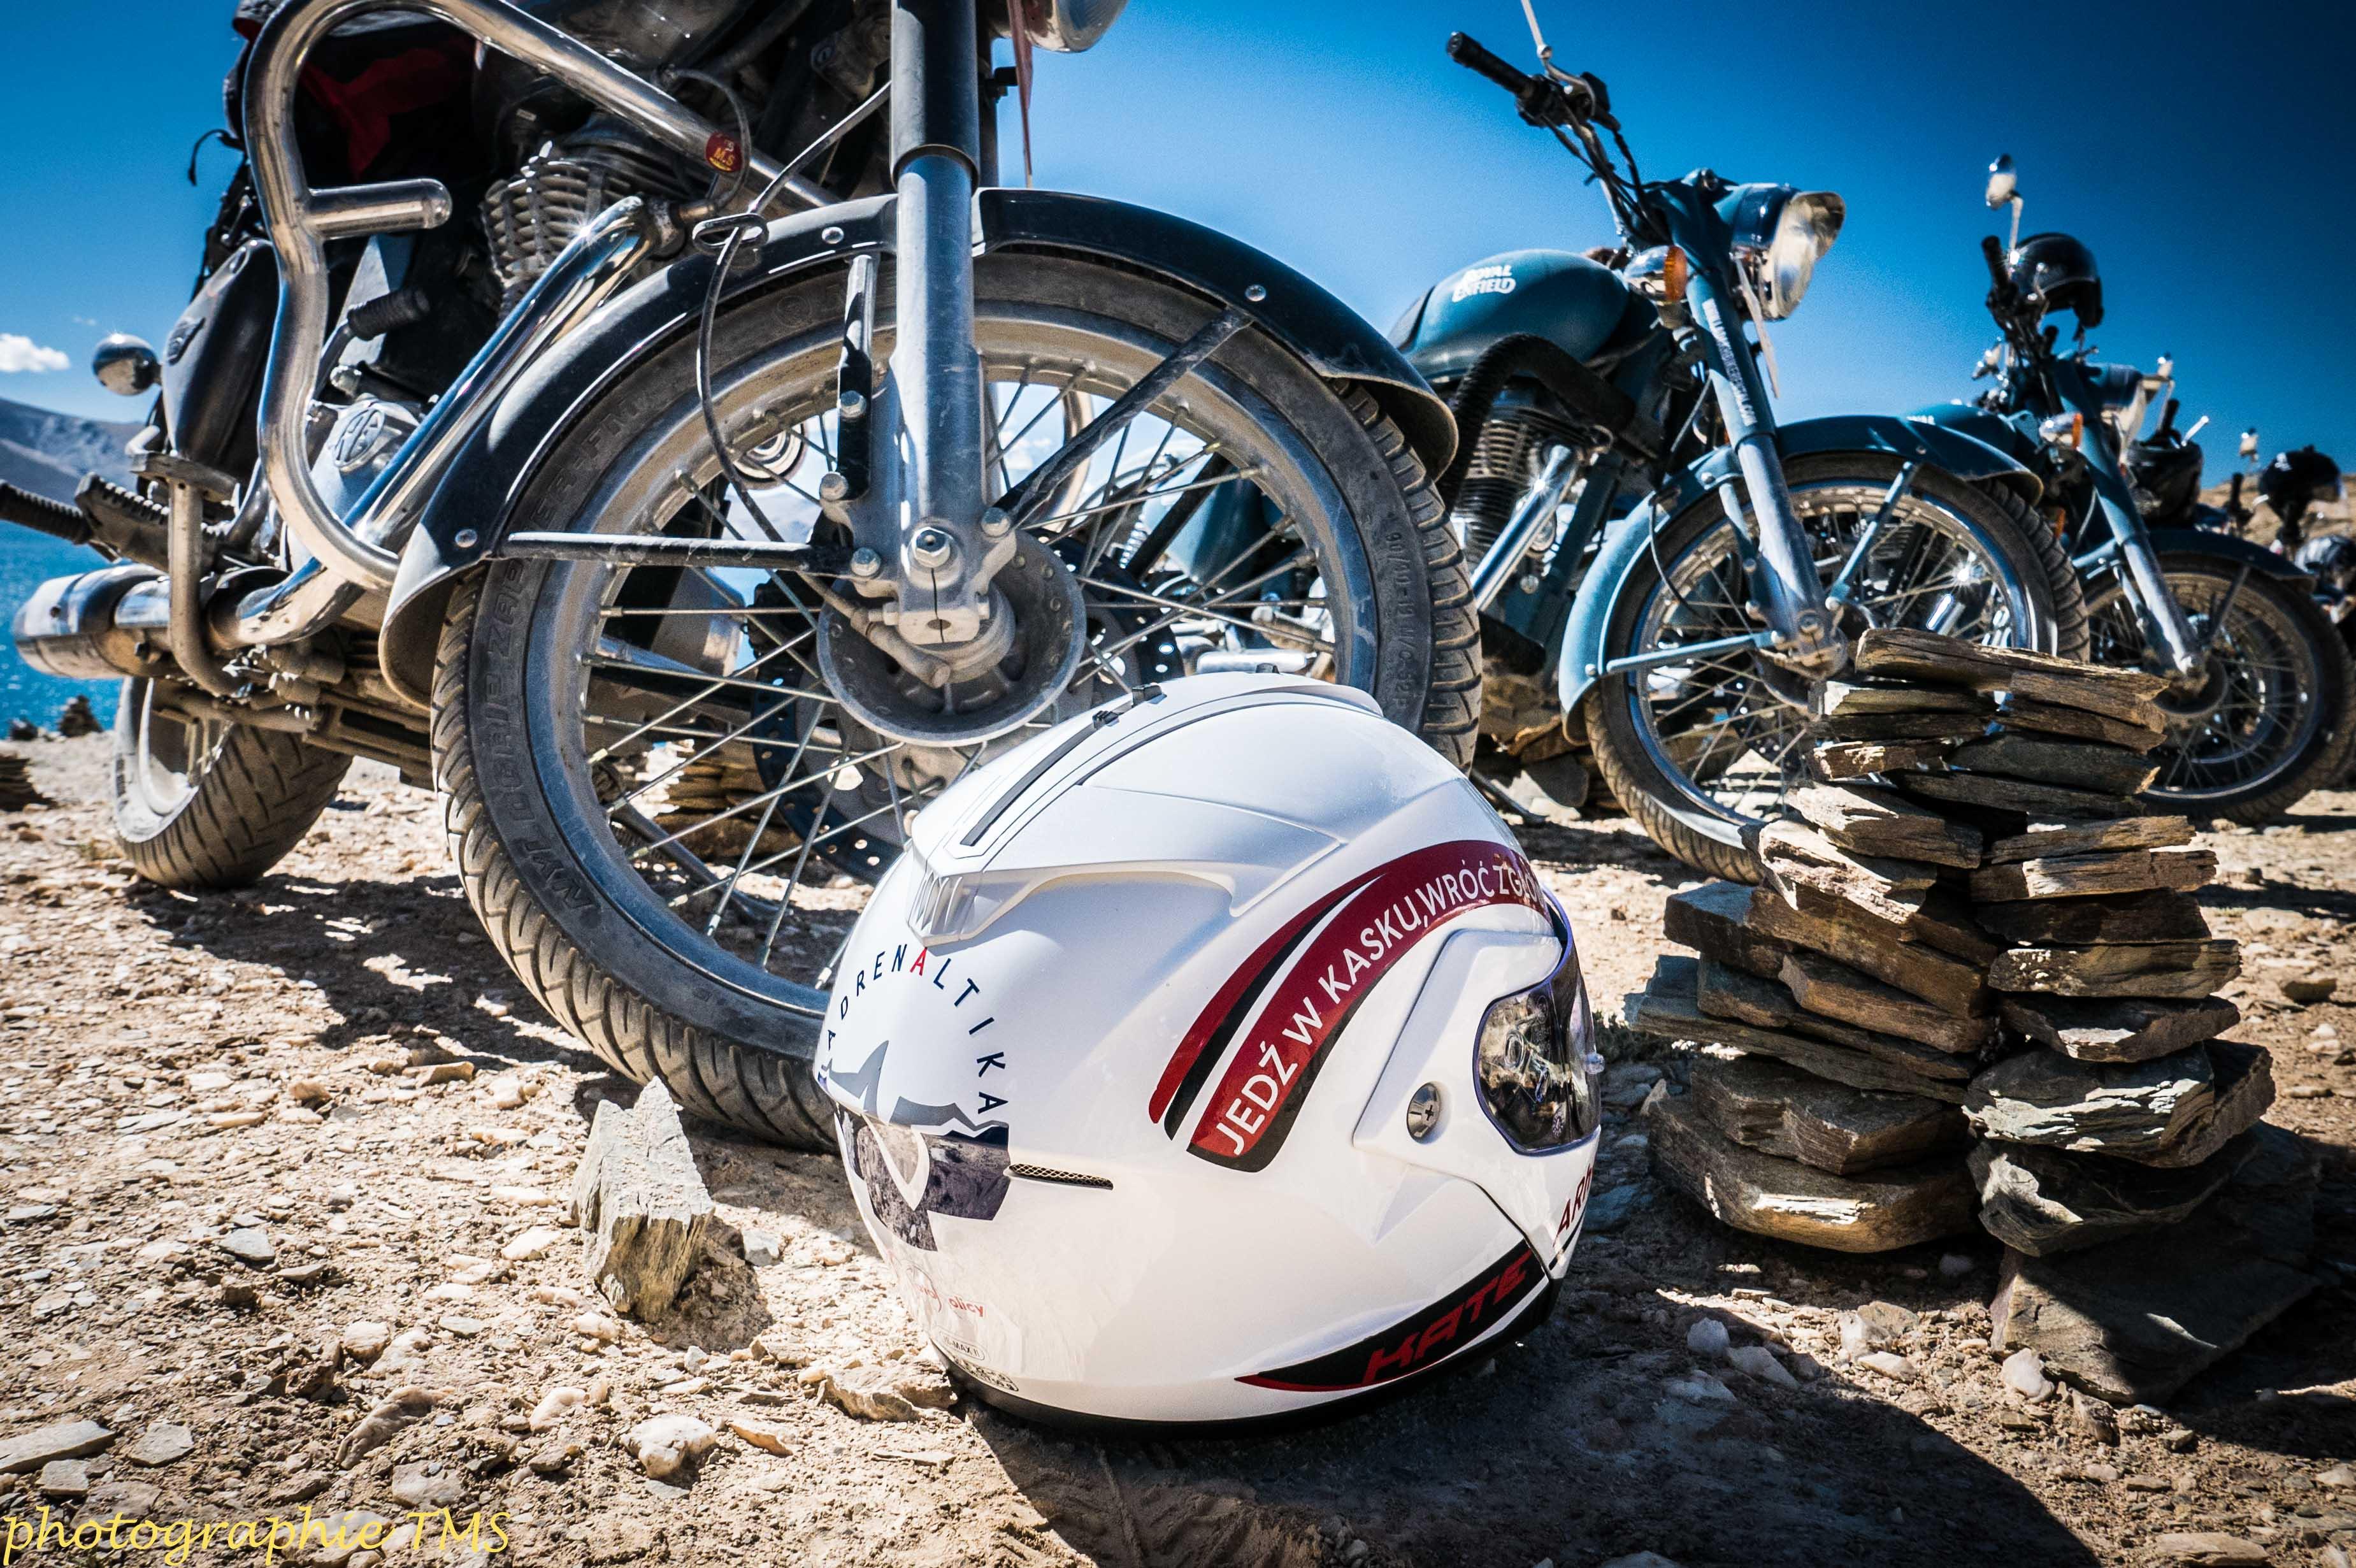 Motocyklem przez dach świata